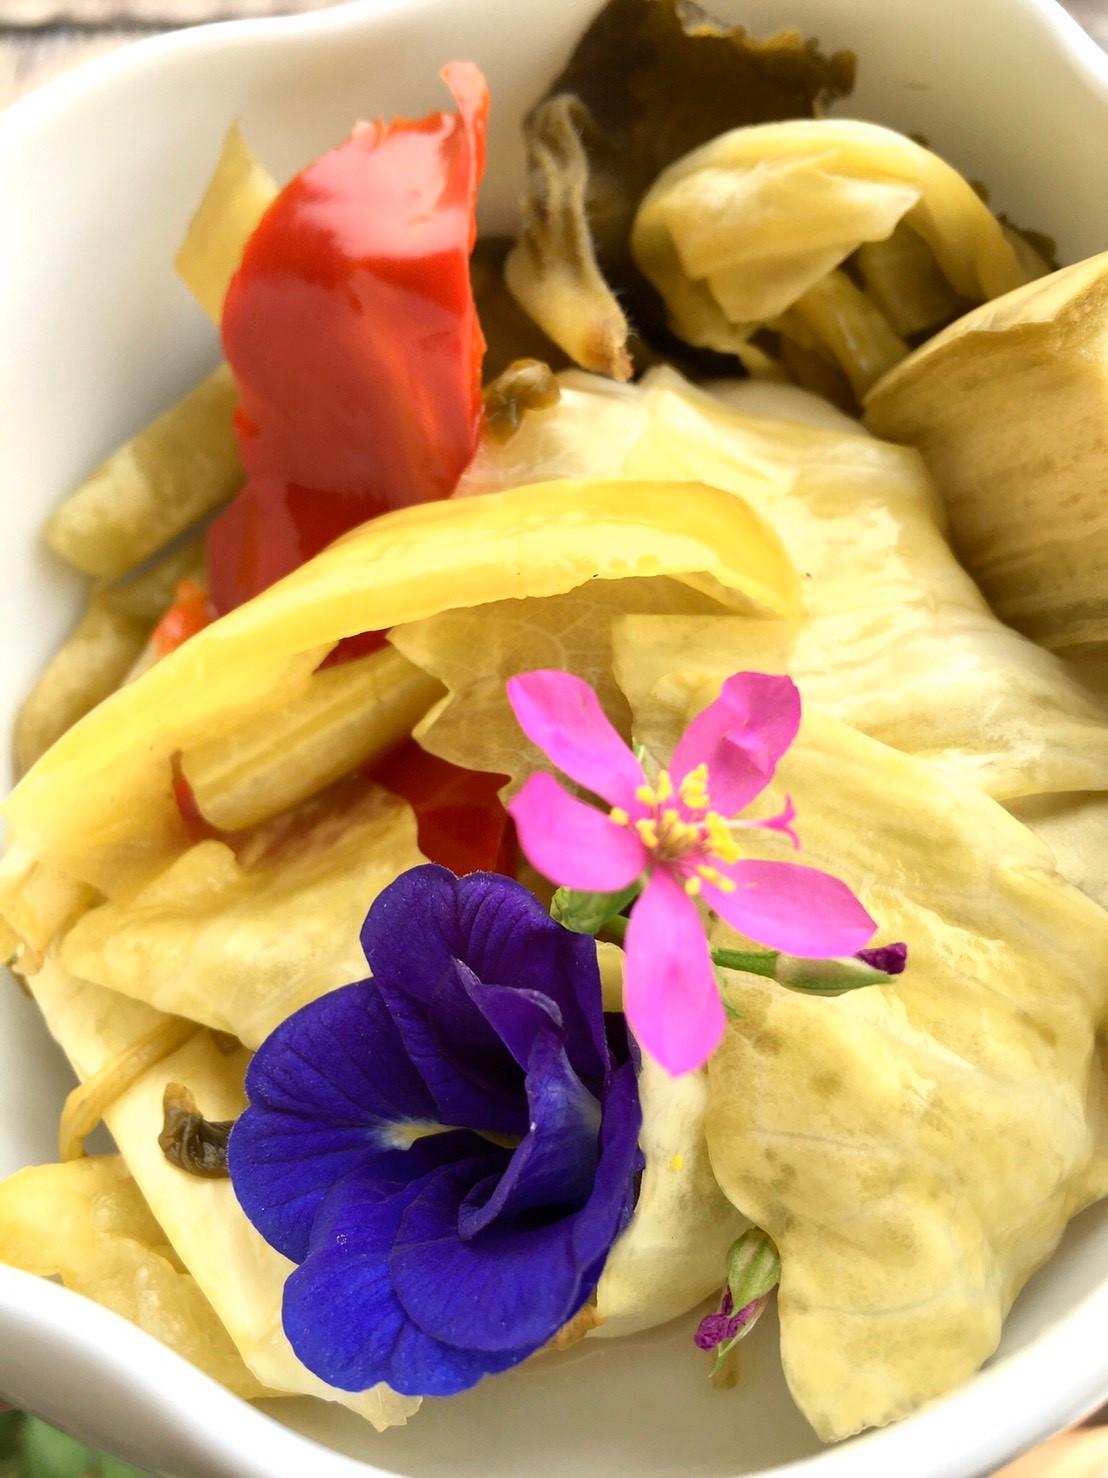 หมักสดผักดองทานเอง เพิ่มโปรไบโอติค